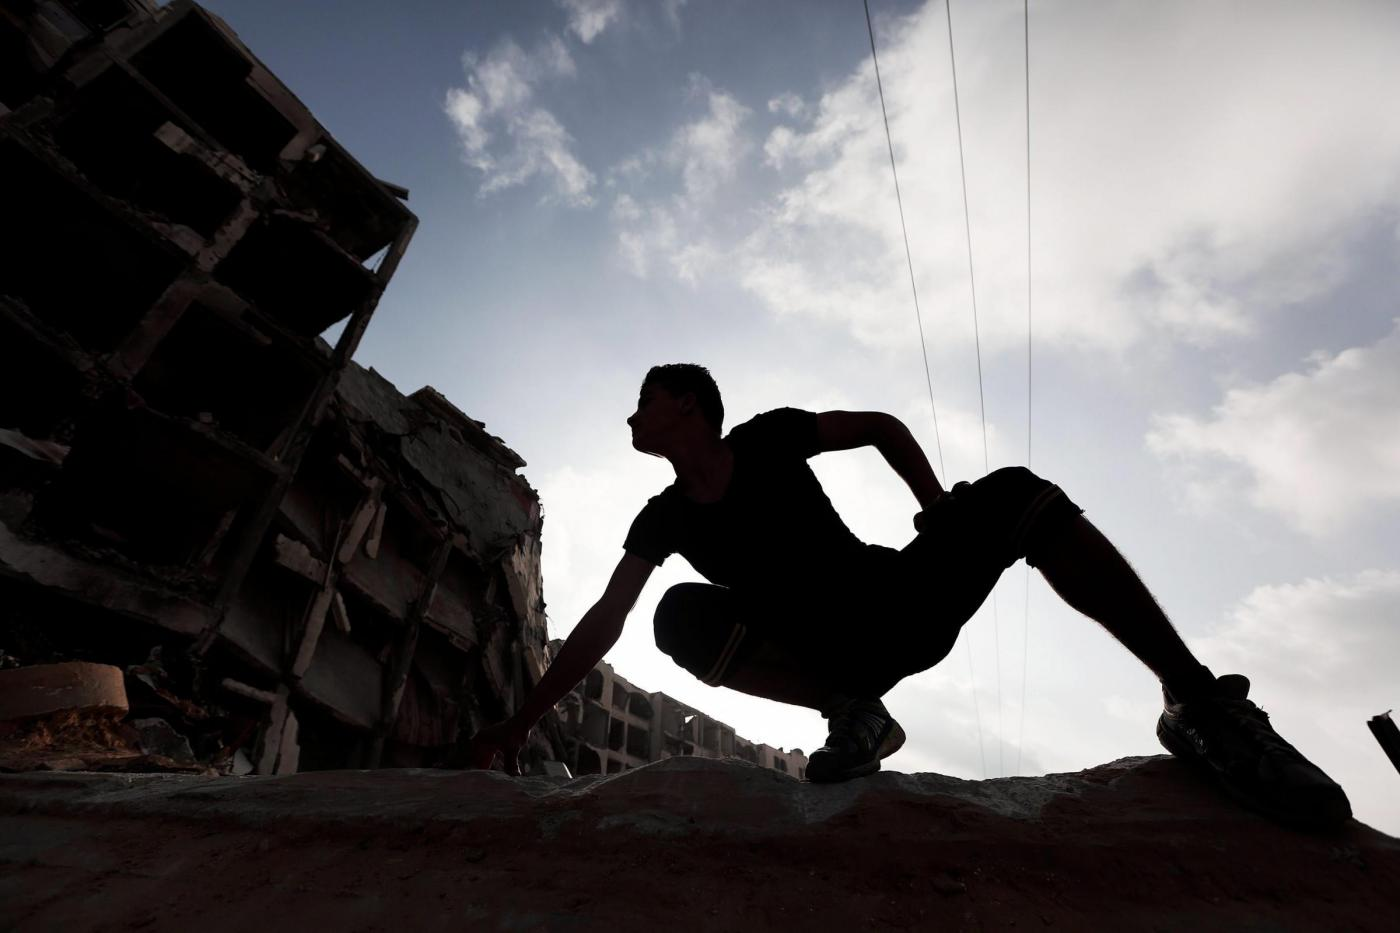 Parkour tra le macerie di Gaza City08